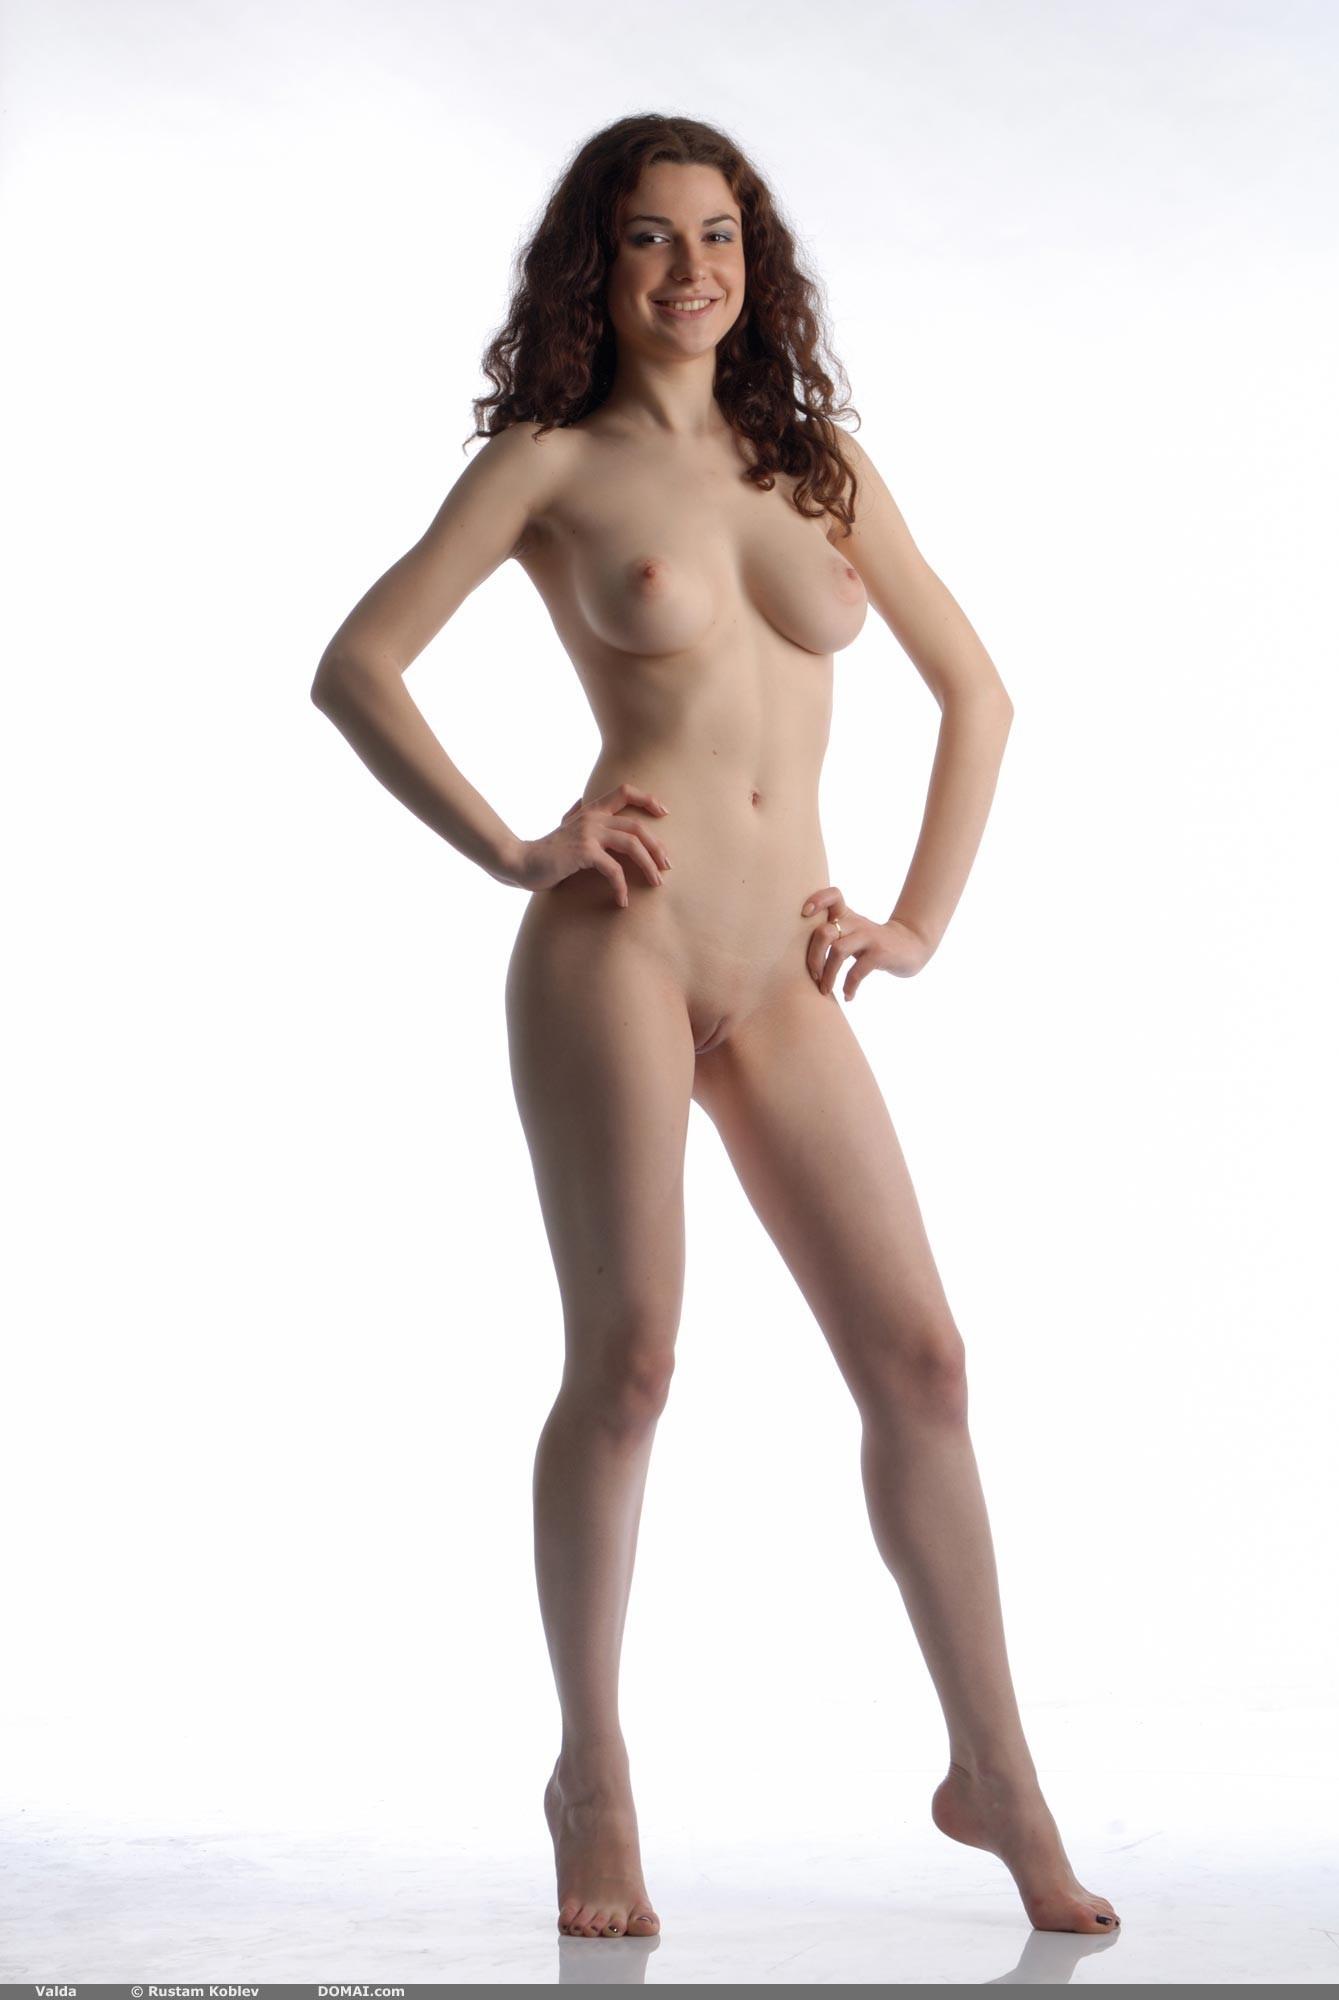 Big perky tits boobs nipples jennifer aniston Part 8